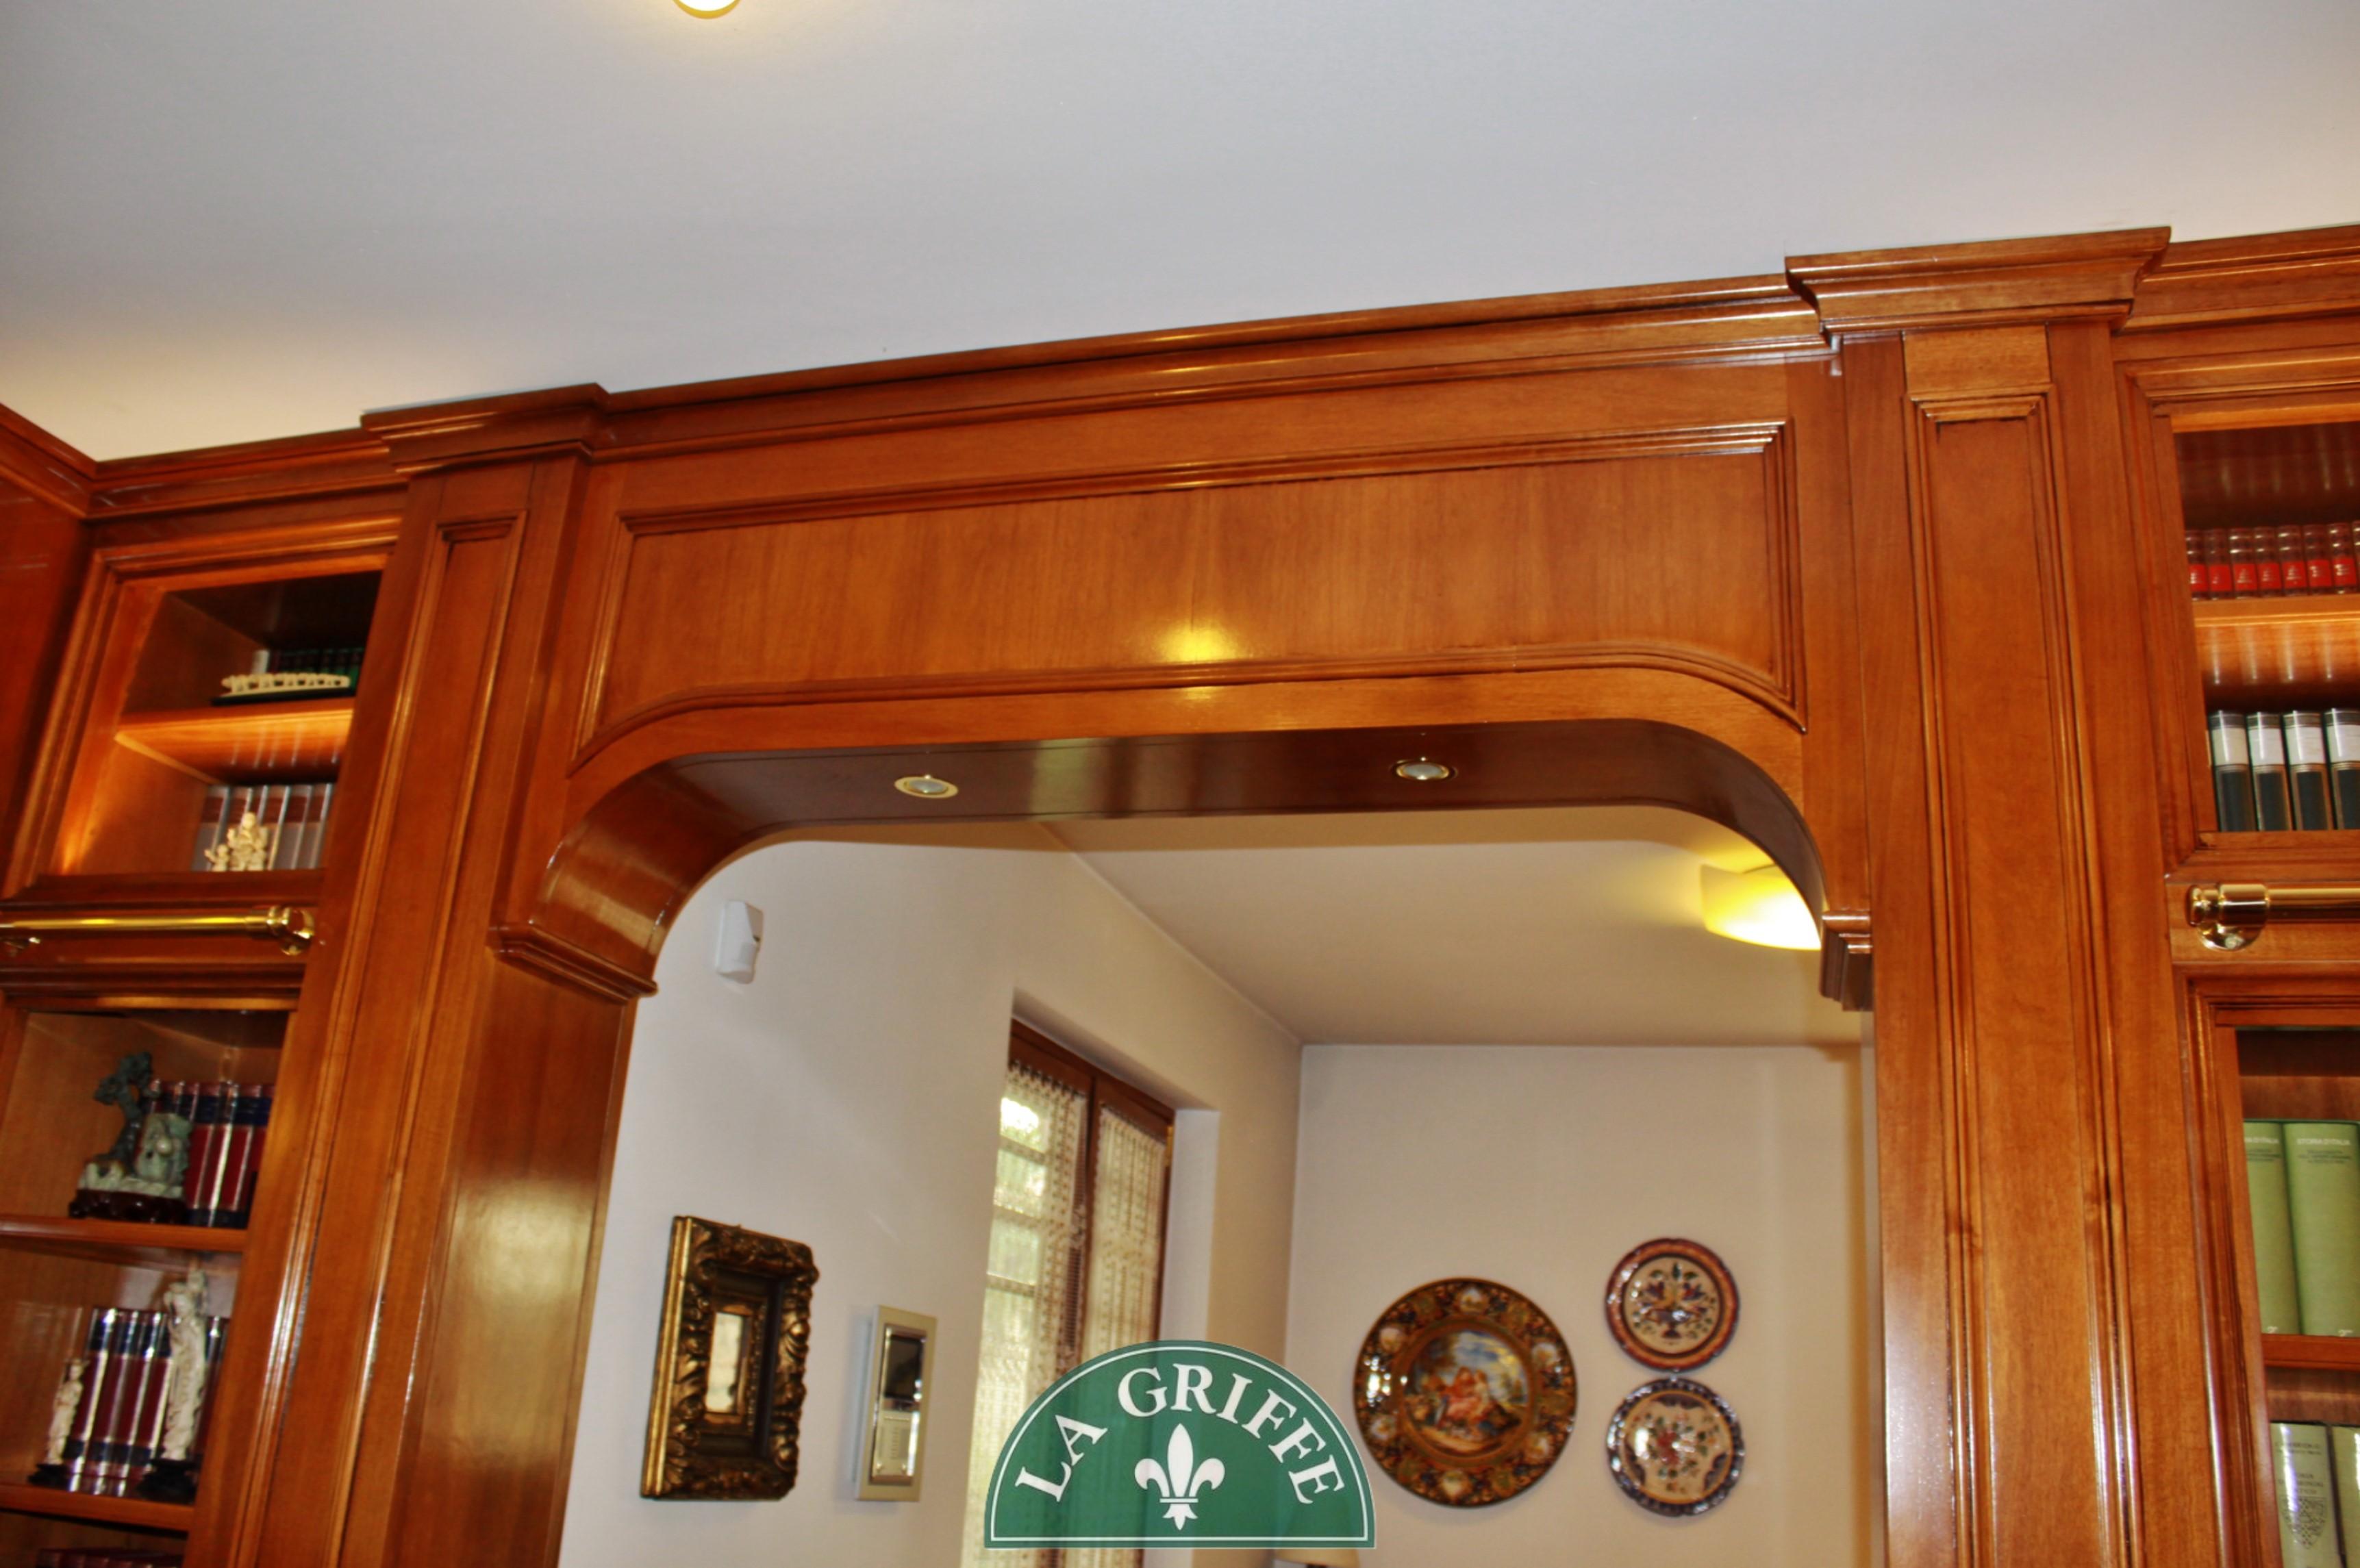 boiserie soffitto arredo classico